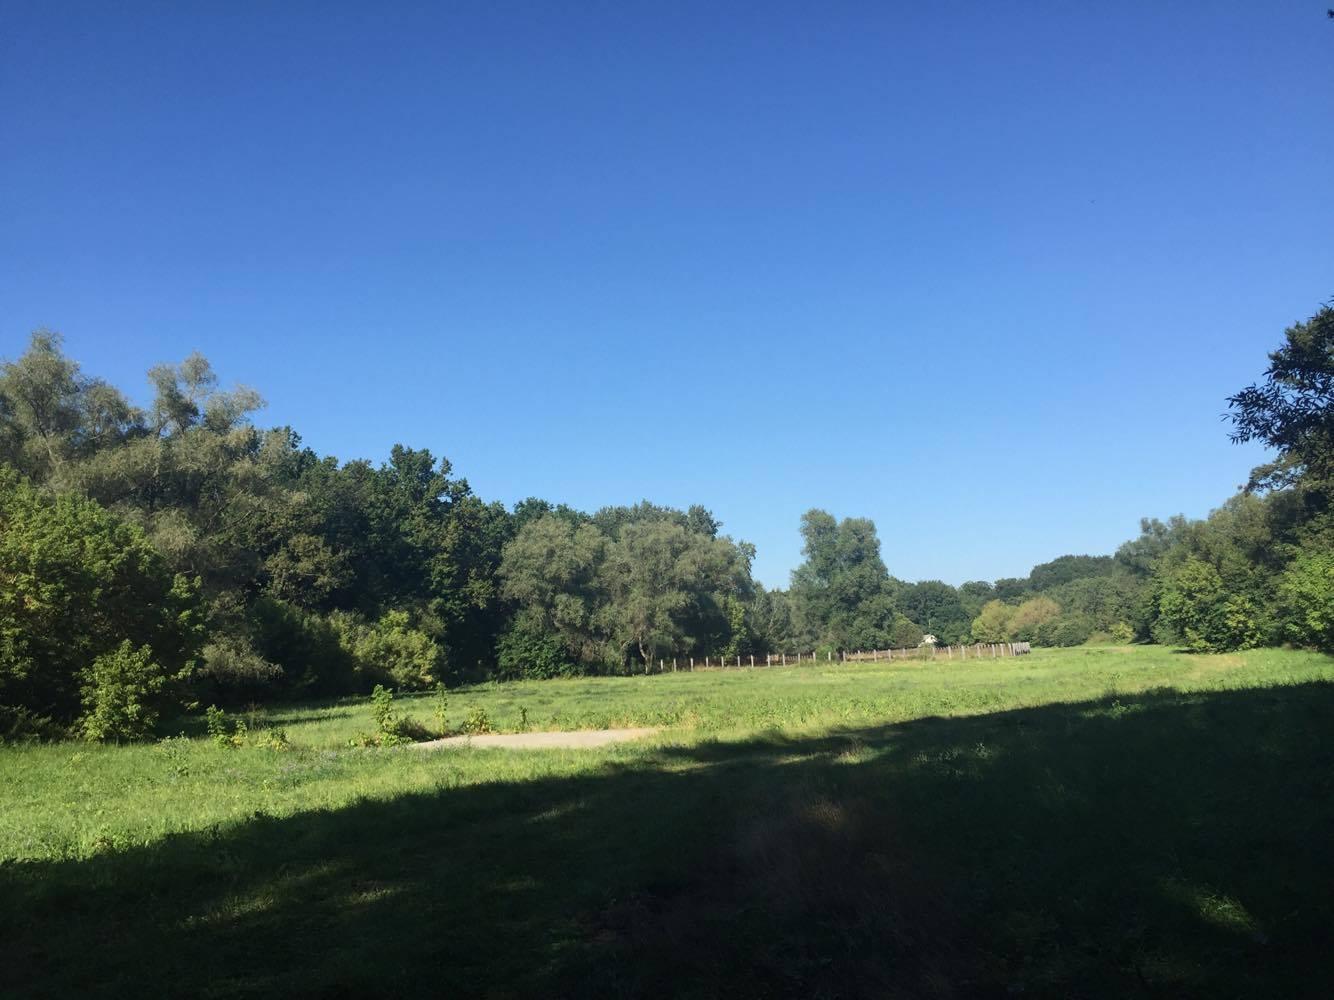 padurea domneasca-travel blog-viorica ataman (13)